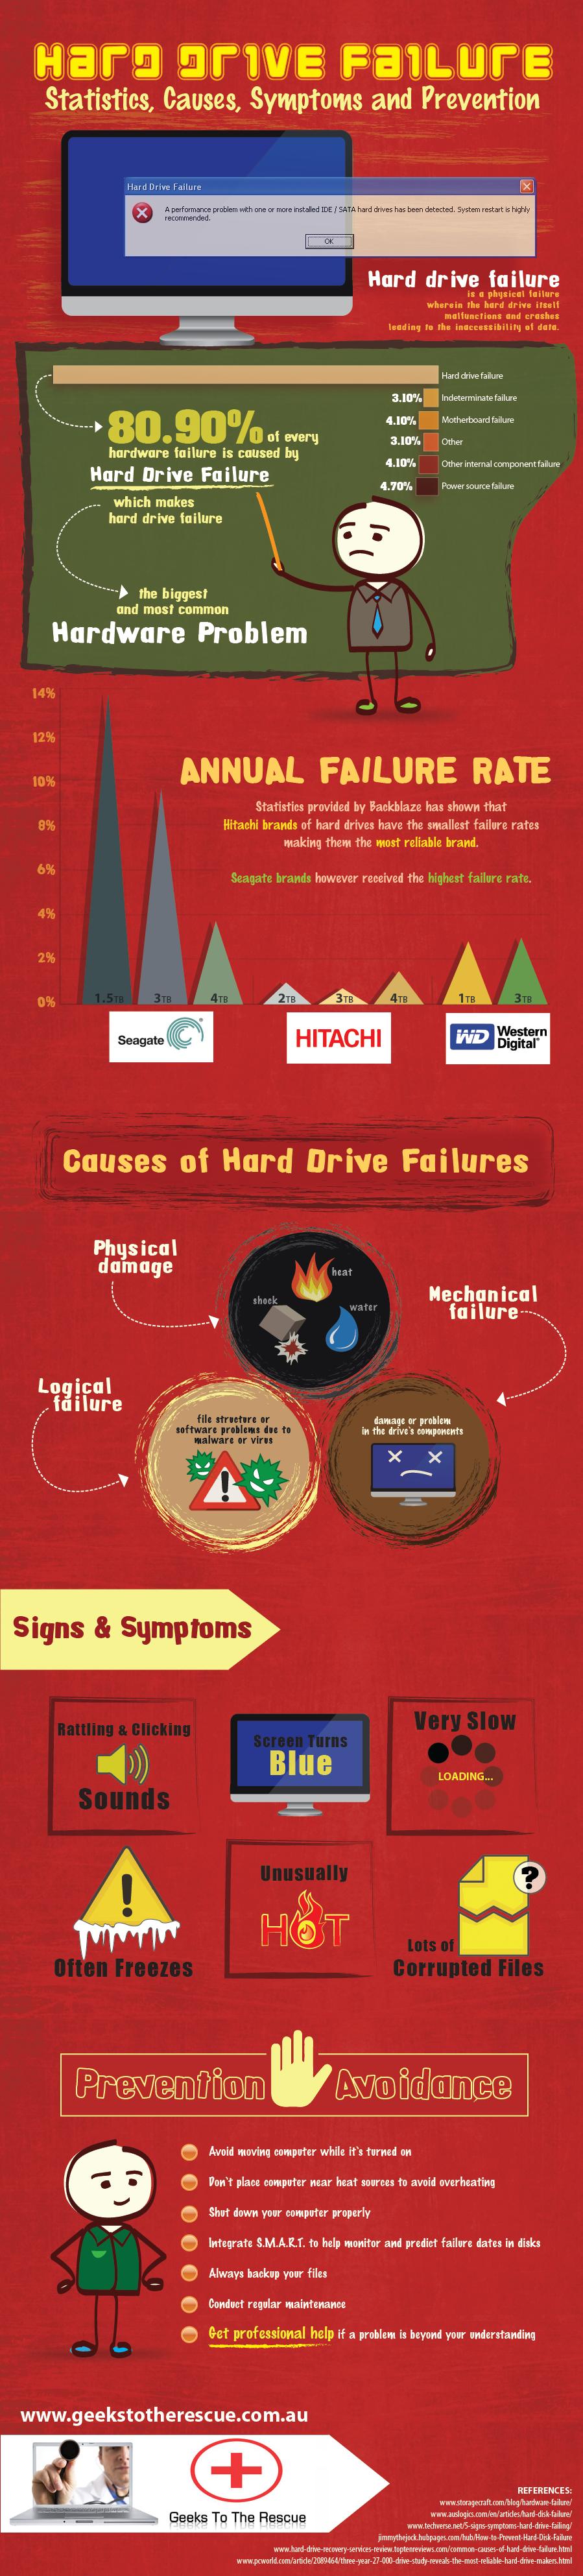 Hard drive failure 2